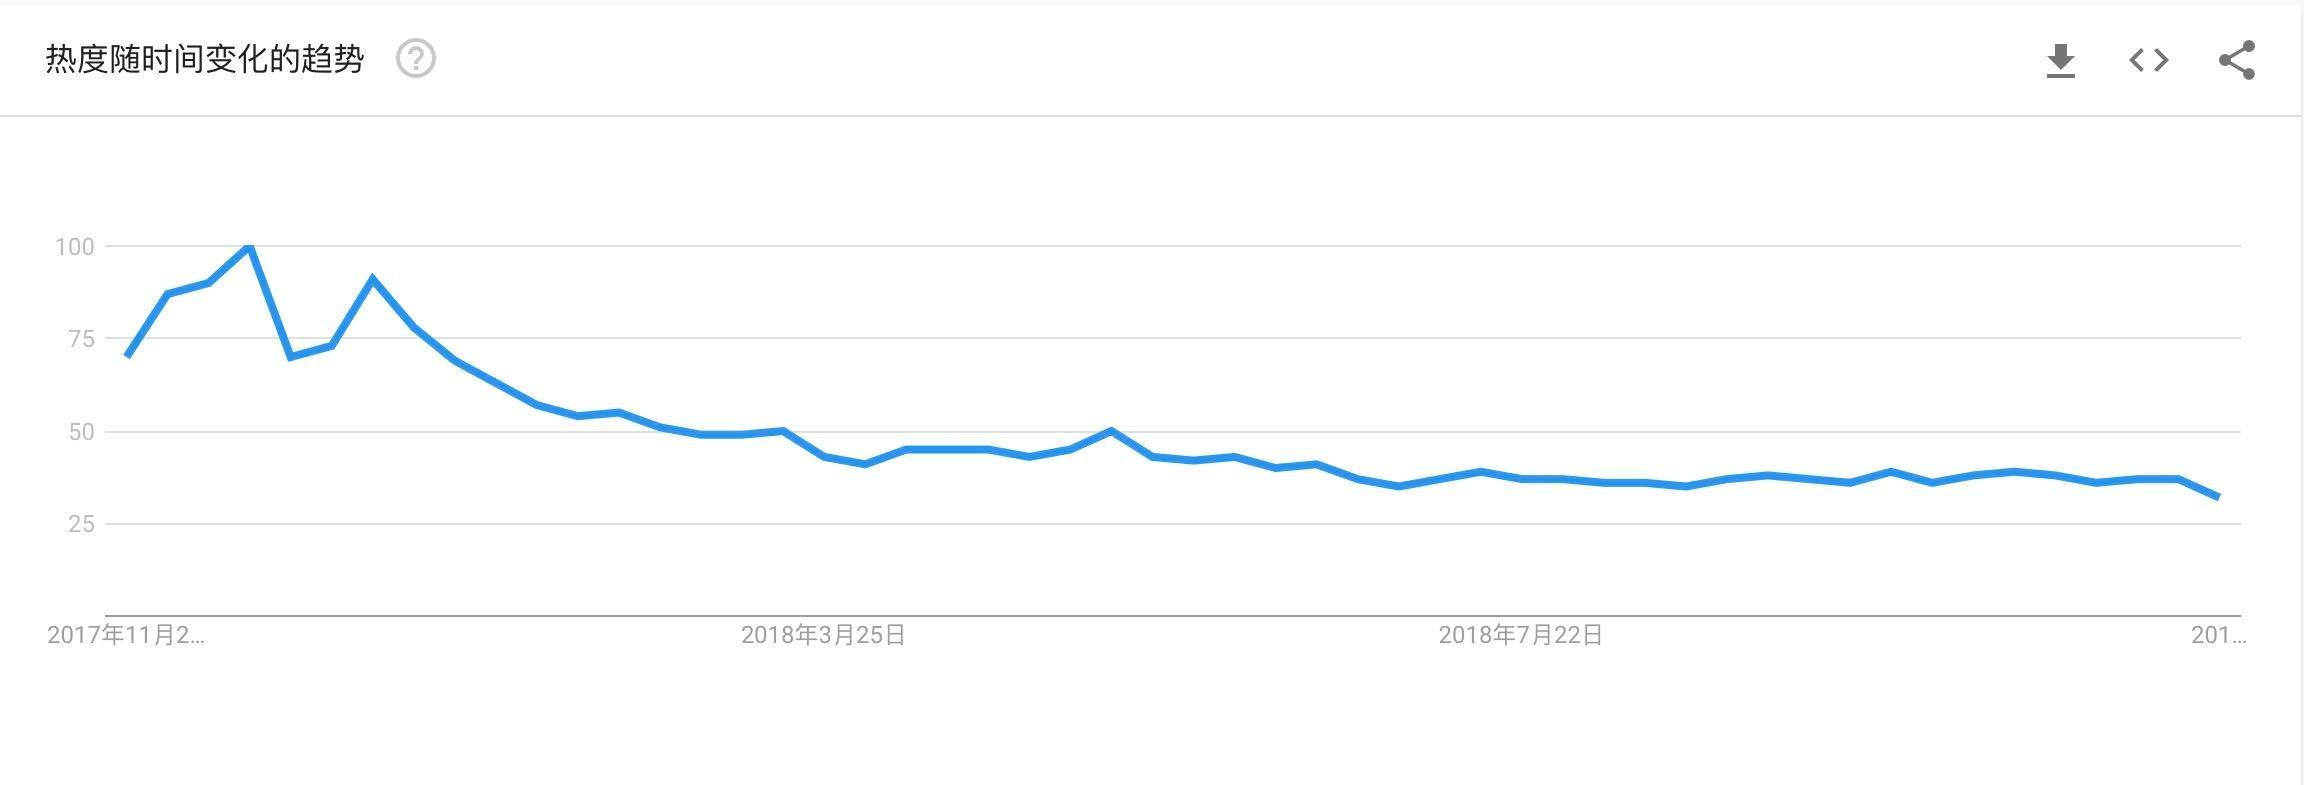 数据告诉你区块链冷热度:上月新增公司下滑为733家,搜索指数下降插图(12)